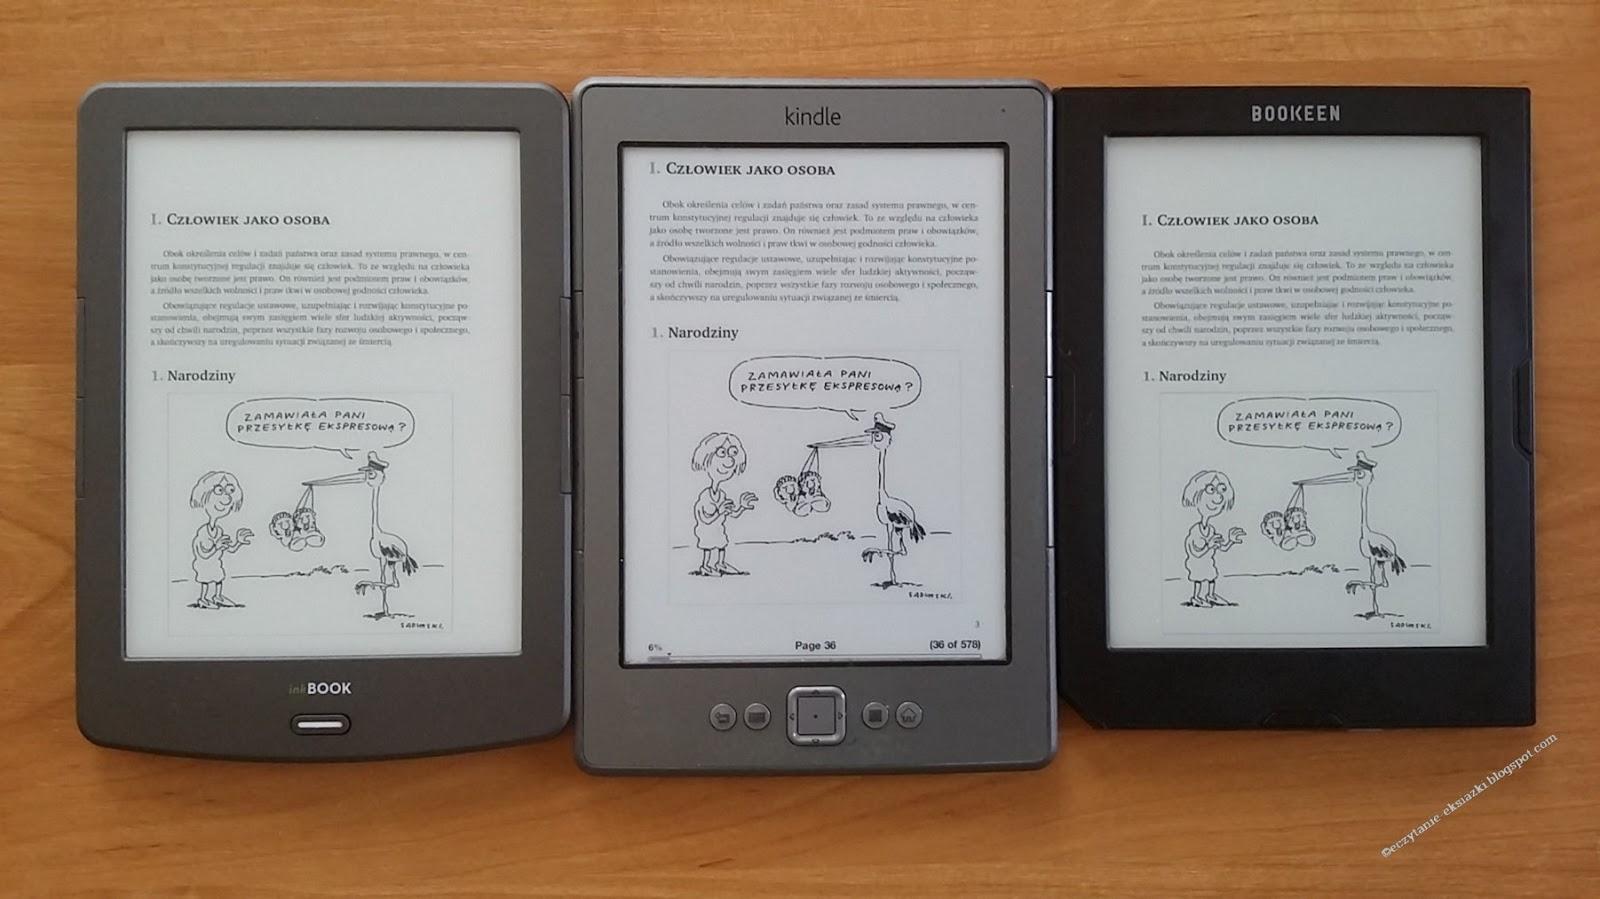 czytniki InkBOOK Classic 2, Kindle Classic, Cybook Muse Light z fragmentem e-booka  Codziennik Prawny